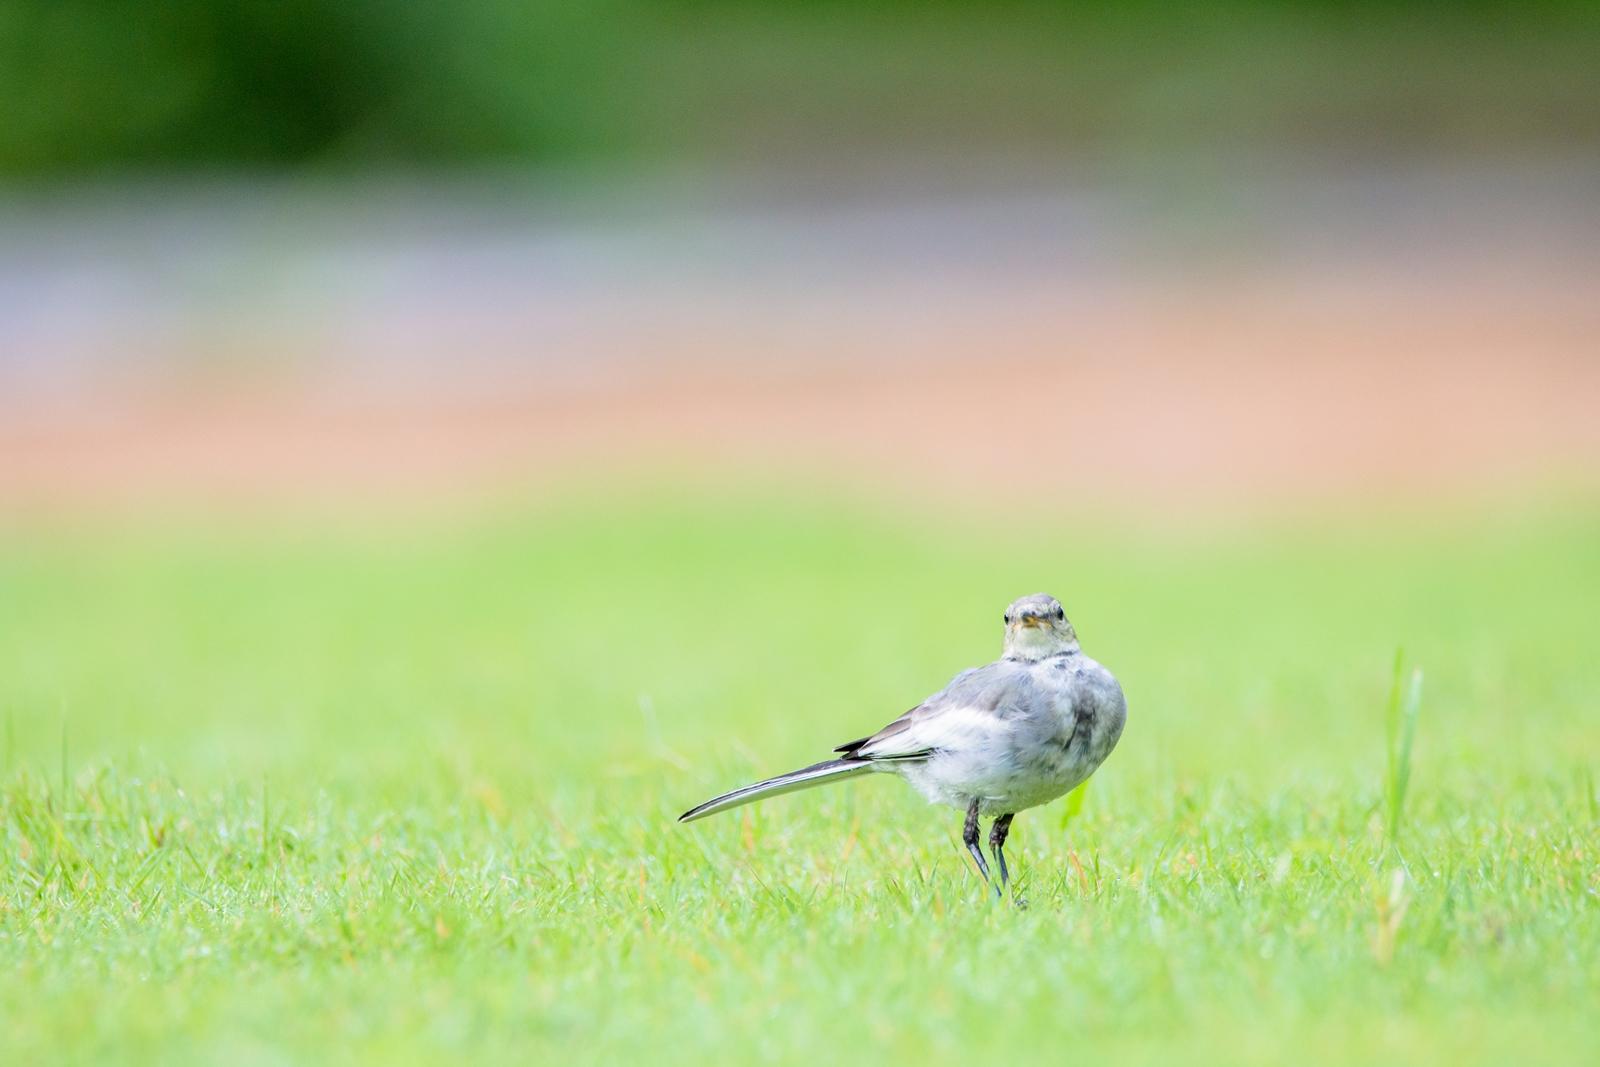 Photo: 何気なく Morning encounters.  休日の朝 朝の公園 朝のお散歩 朝の出会いに 何気なく視線を交わす  White Wagtail. (ハクセキレイ)  #birdphotography #birds #cooljapan #kawaii #nikon #sigma  Nikon D7200 SIGMA 150-600mm F5-6.3 DG OS HSM Contemporary  ★お知らせ★ ただいま少しずつ準備を進め 正式な告知も会期に近づいたら行われる予定ですが、 秋の終わりに 個展を開催させていただくことになりました。 場所は東京京橋にあるIsland Gallery、 会期も決まっていて 11月20日(金)から29日(日)の10日間です。 YouTubeライブも実施する予定です♪ また詳細が決まったら 徐々に告知させていただきたいと思います! 興味を持っていただけたら幸いです。 ★★★